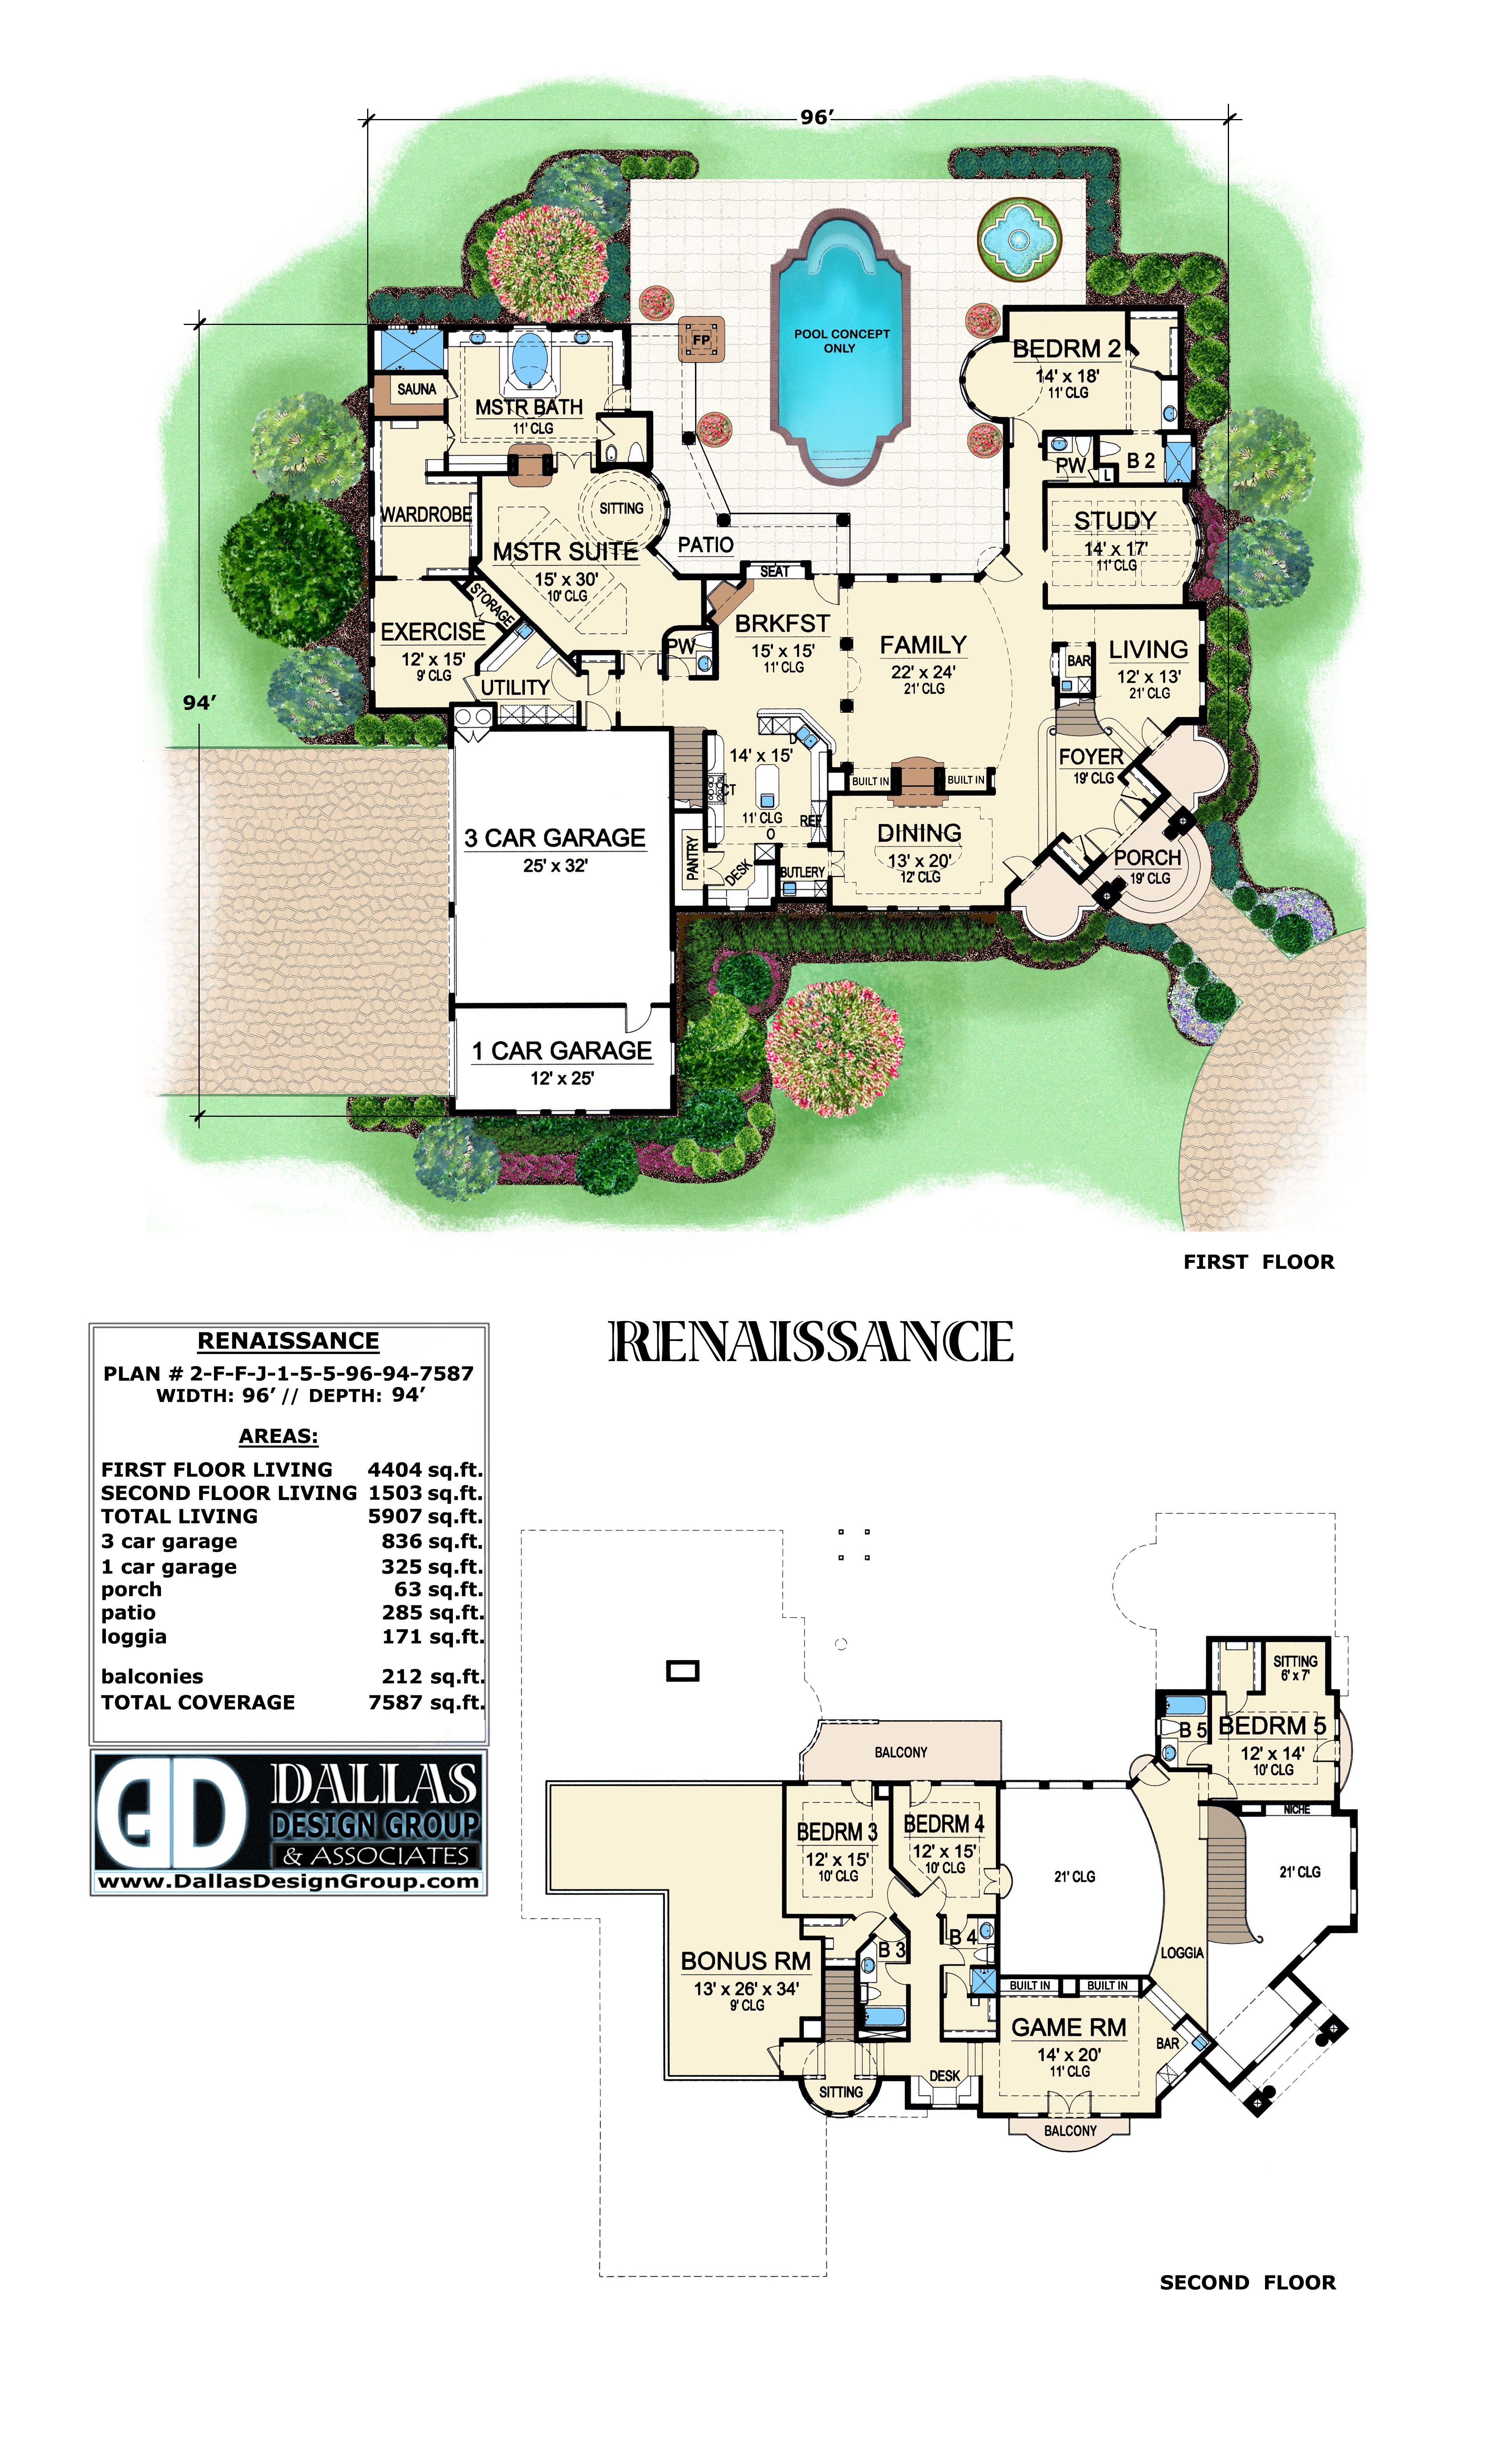 Renaissance Home Plan From Dallas Design Group A Parade